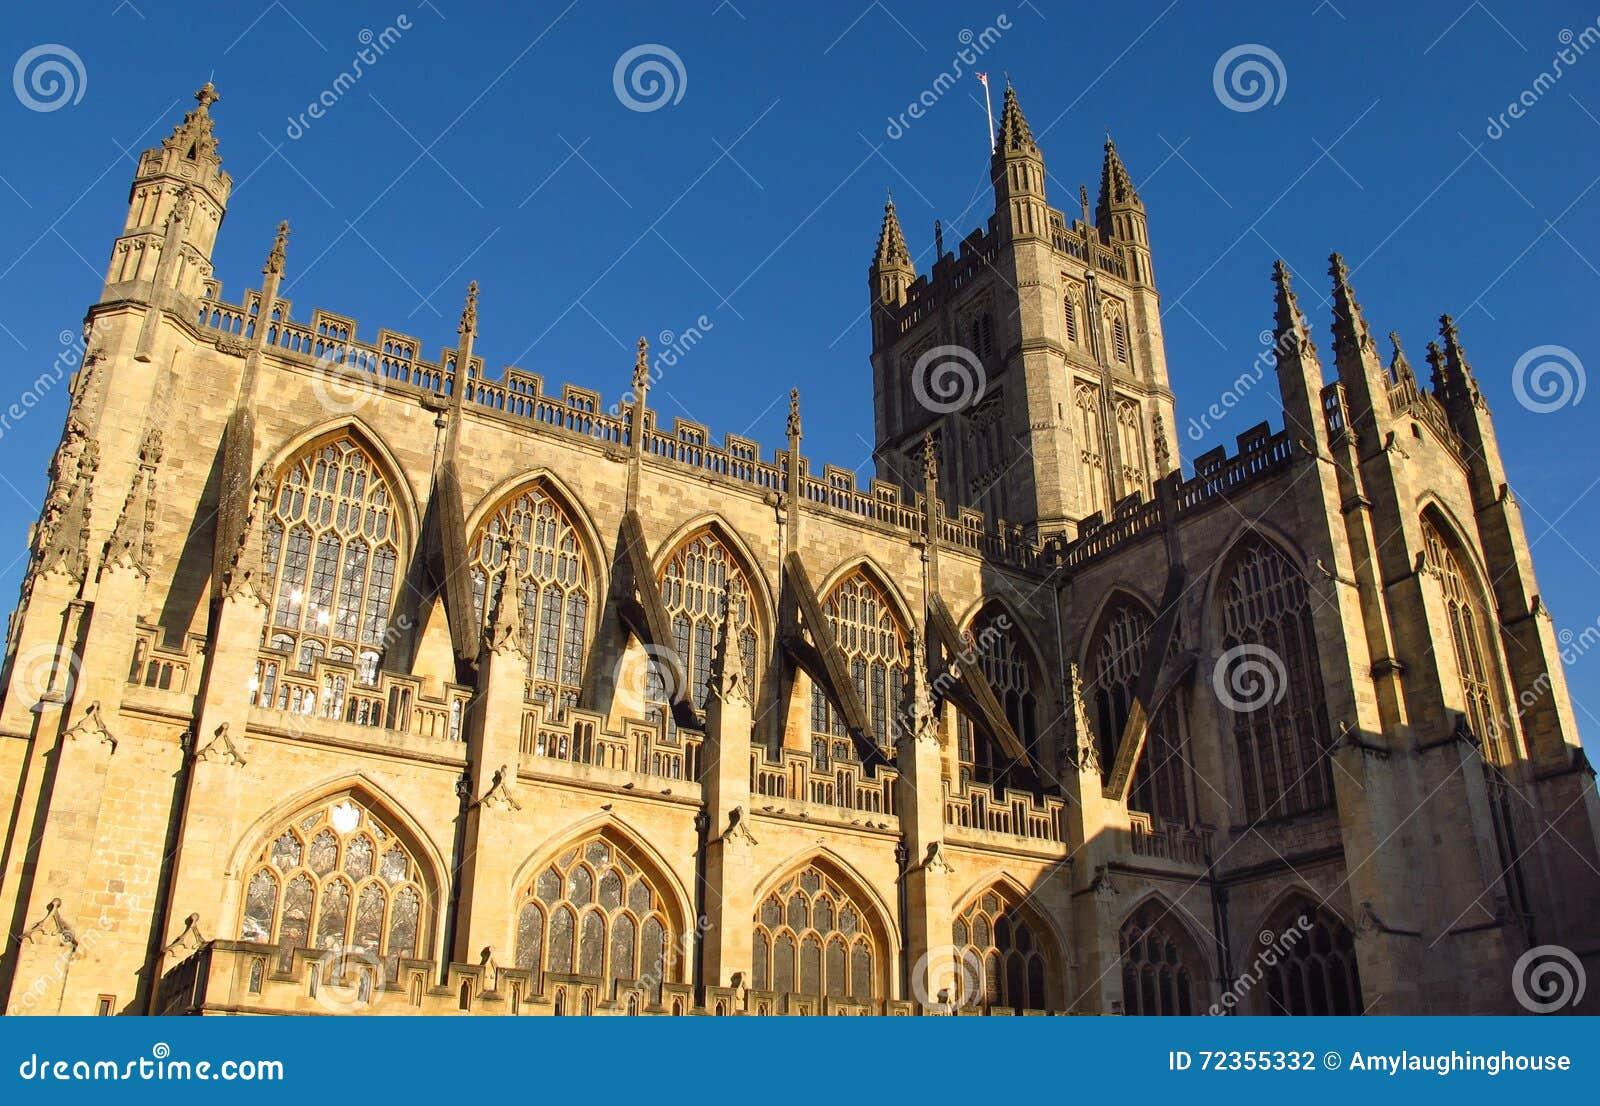 巴恩在蓝天下的修道院巴恩英国